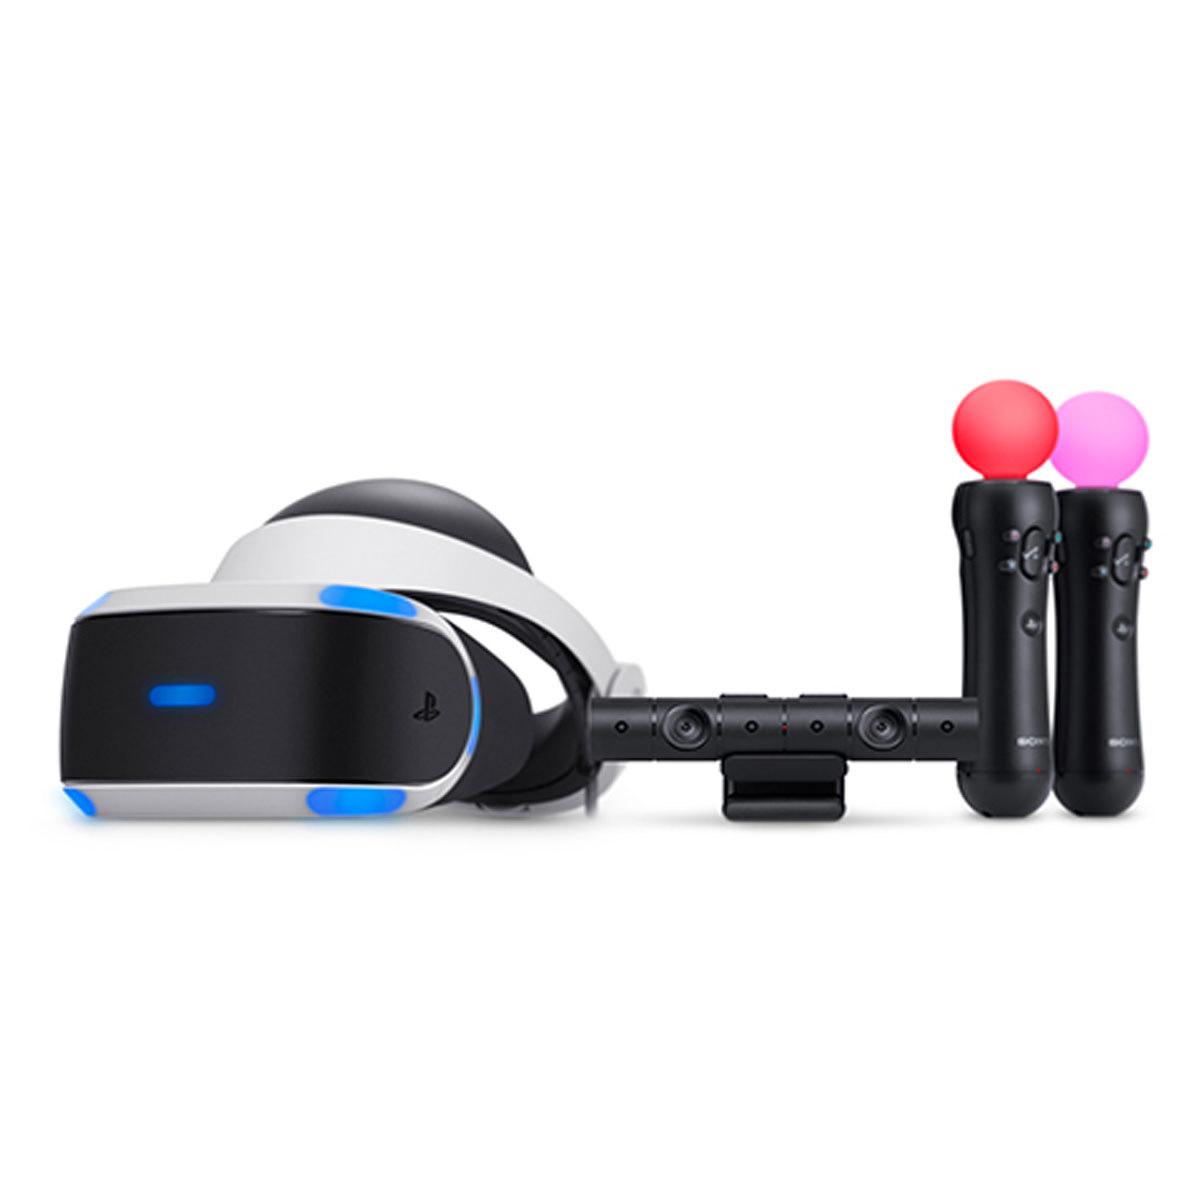 플레이스테이션 VR 올인원 팩, 1세트, CUH-ZVR2H2M